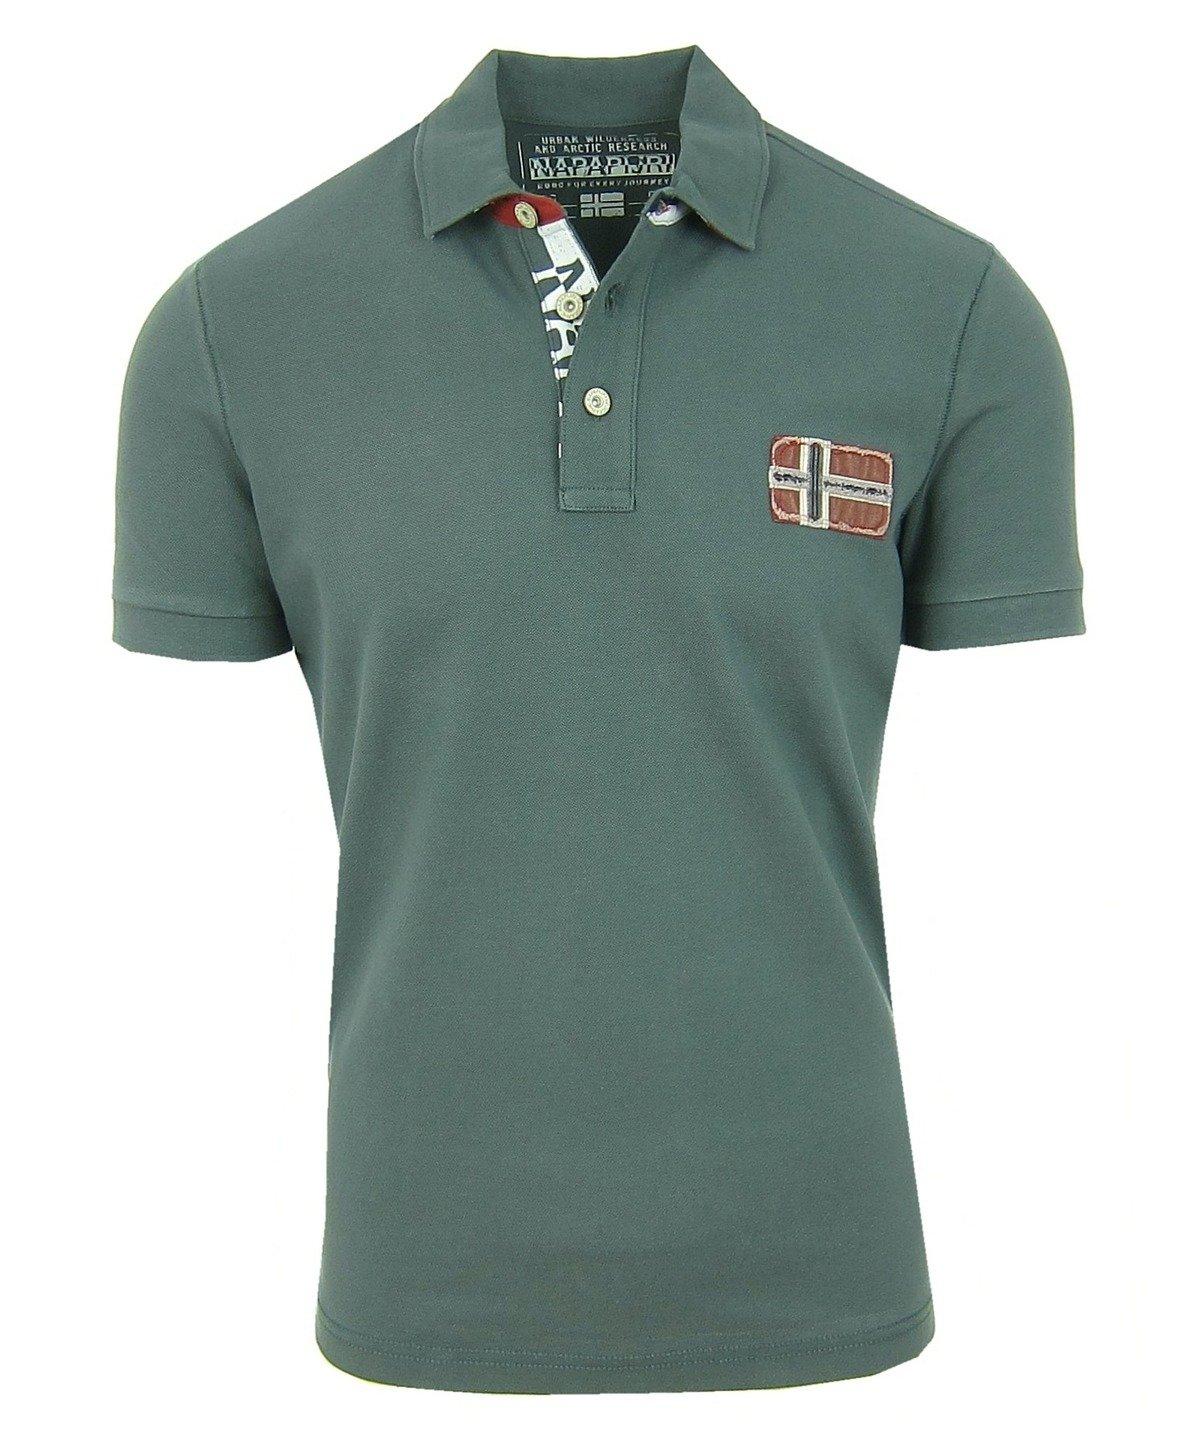 new product 9e089 f233f NAPAPIJRI Edenton Herren Men Polo T-Shirt Poloshirt Grün Greenhouse